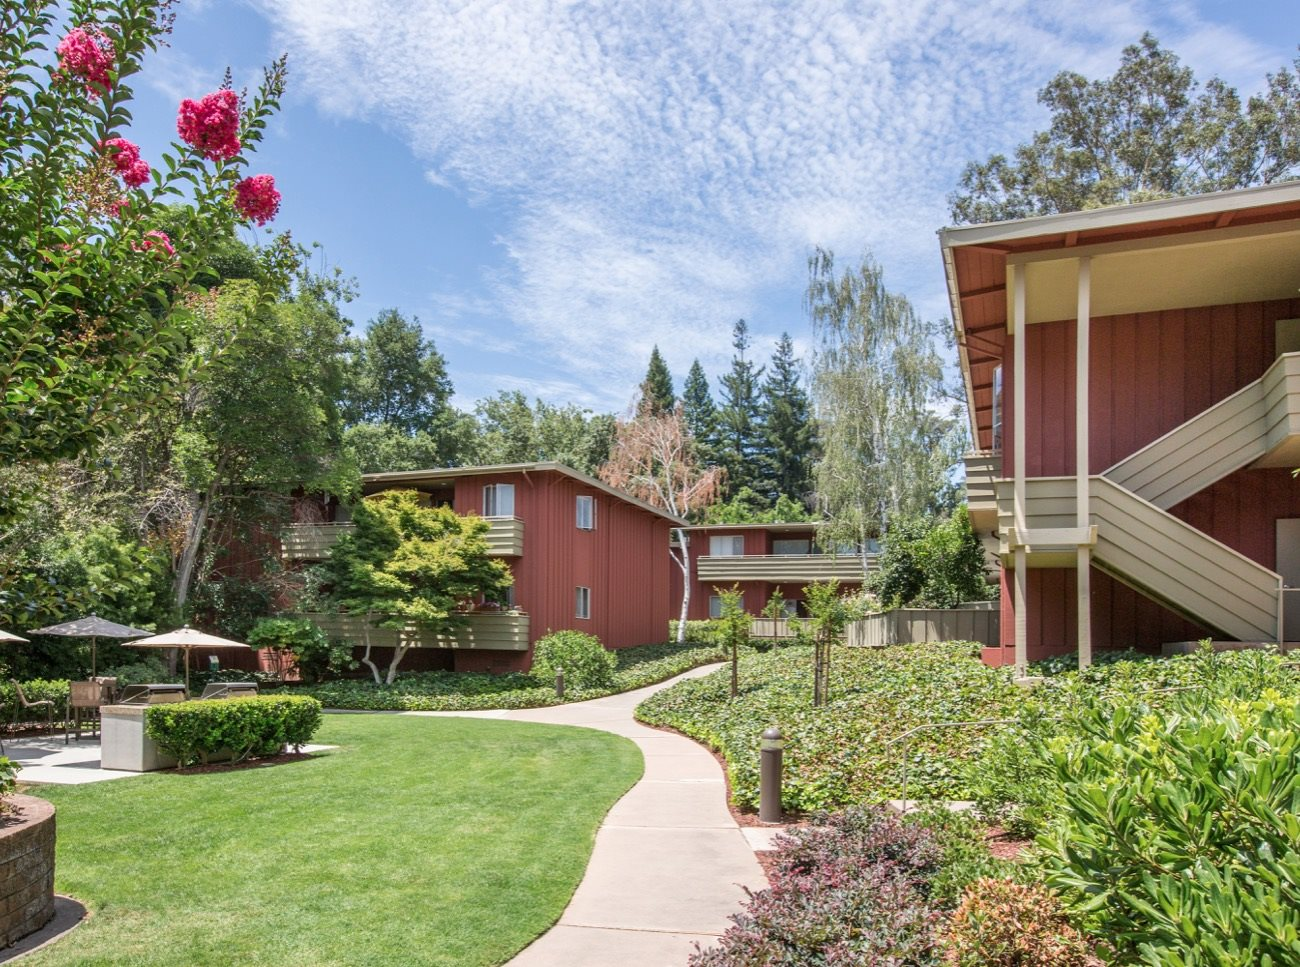 bay-tree-los-gatos-apartments-lush-landscaping